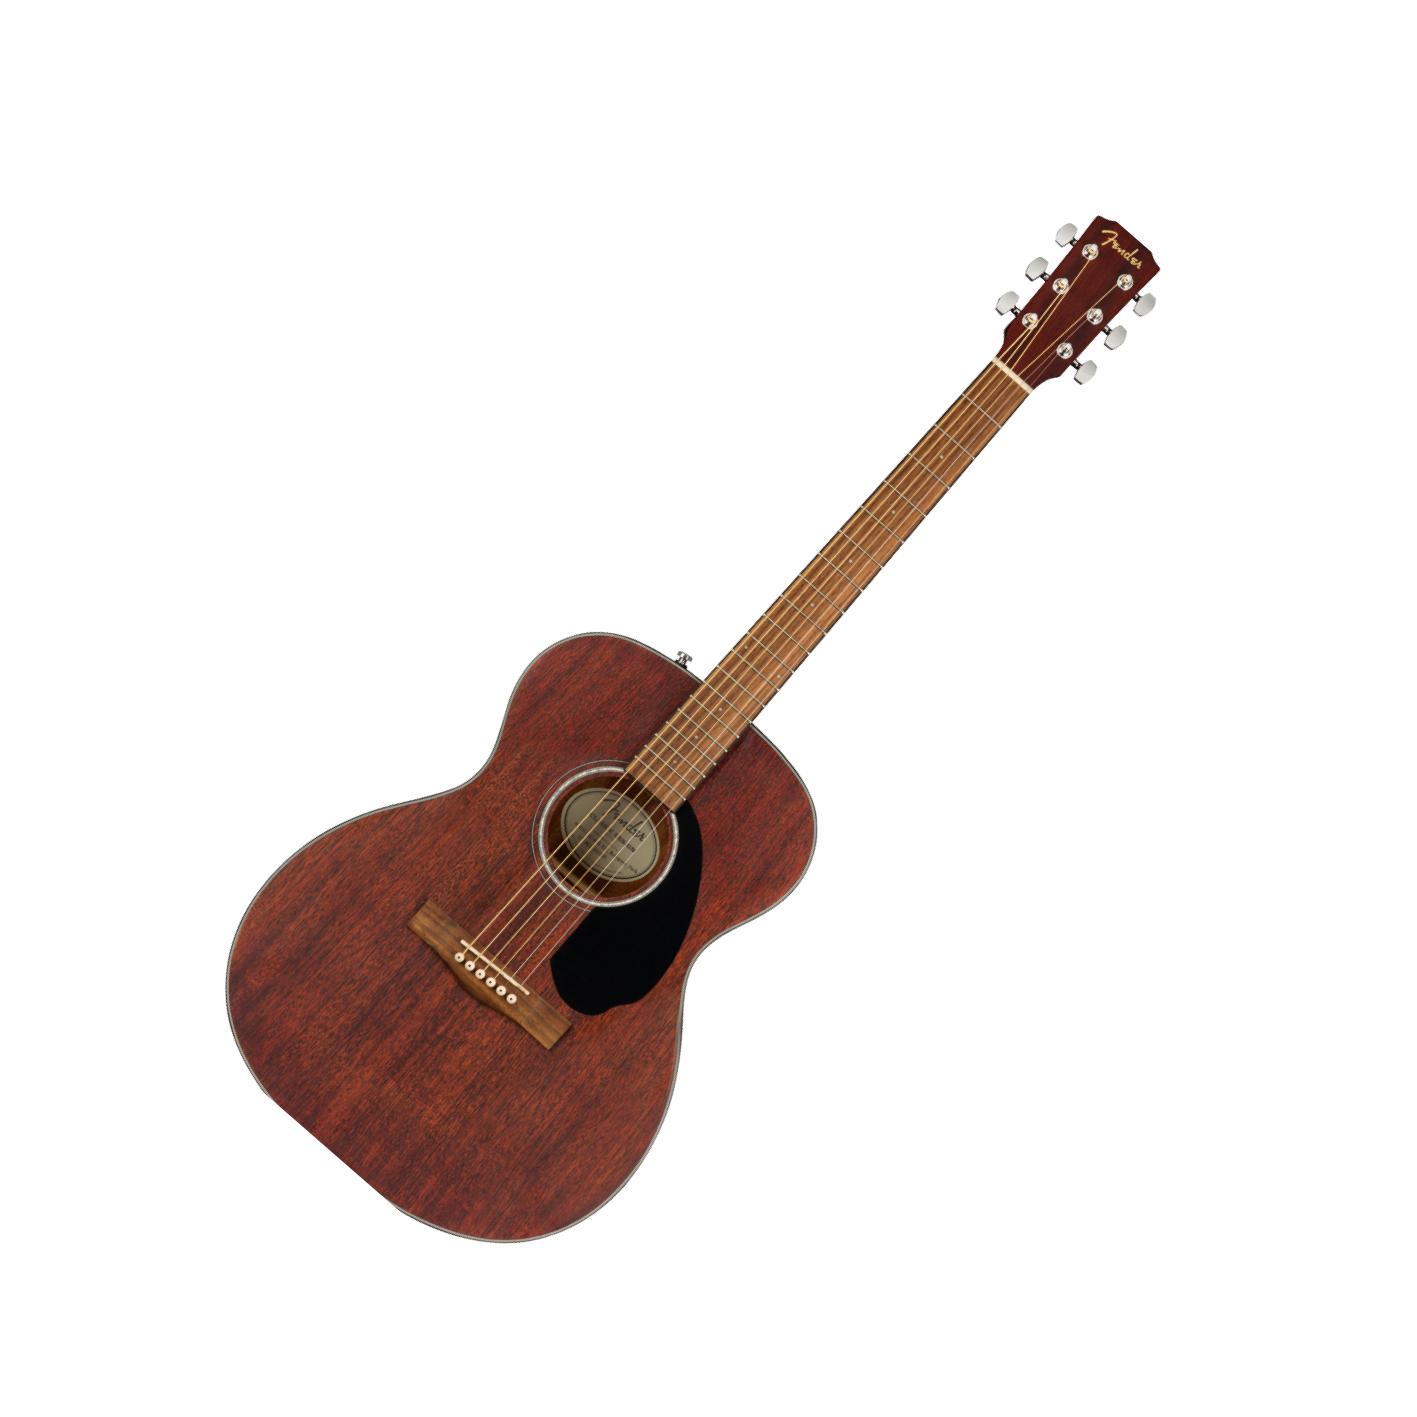 FENDER CC-60S All Mahogany Concert Guitar